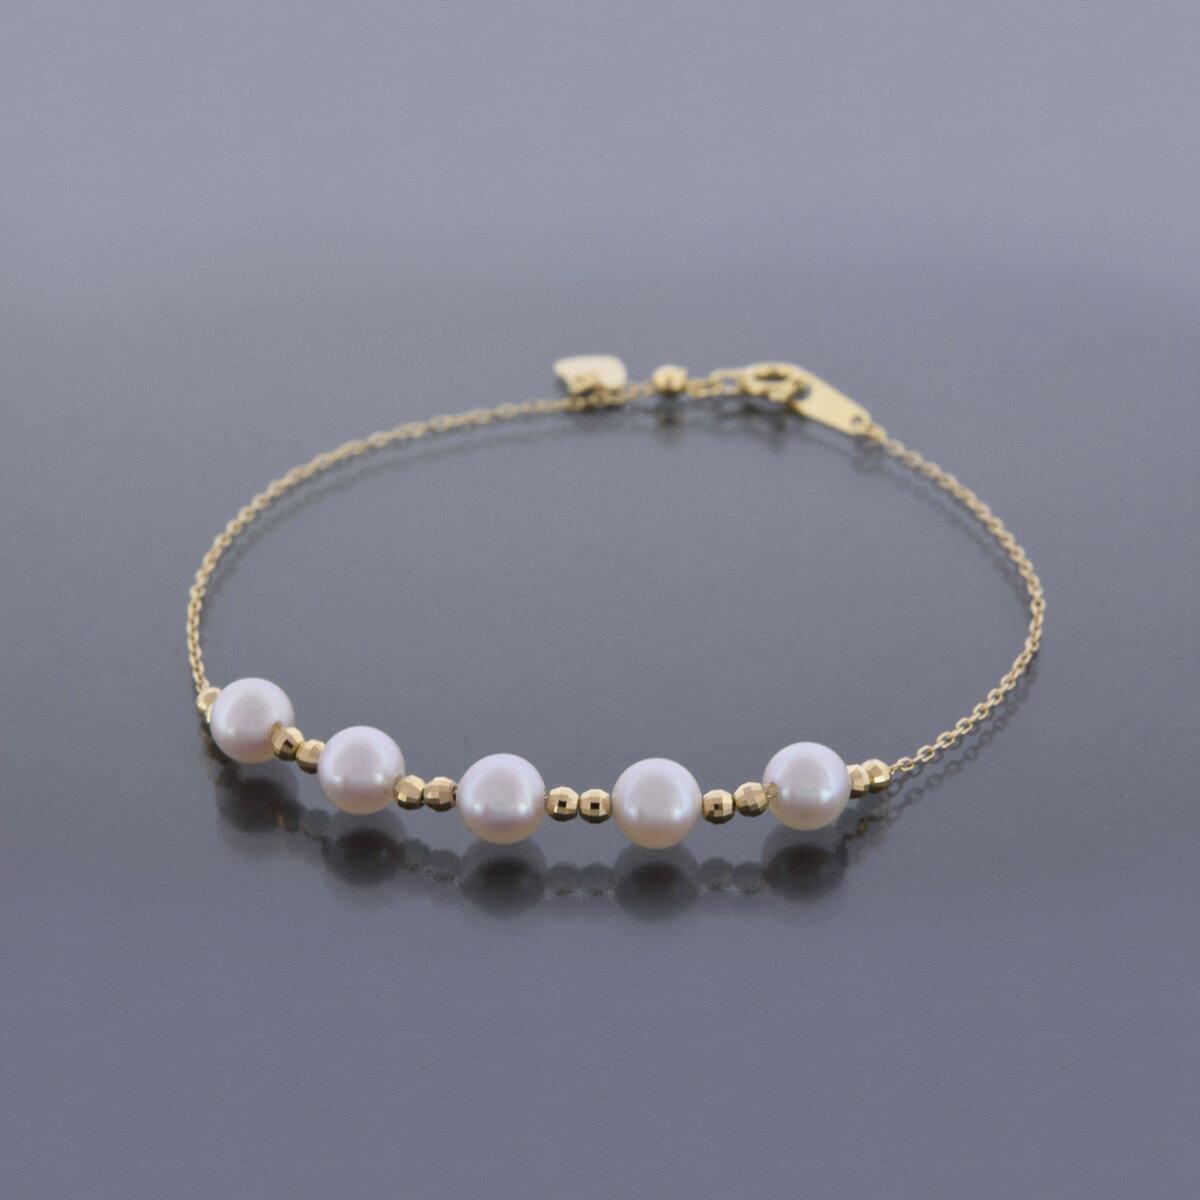 K18YG アコヤ真珠 ブレスレット